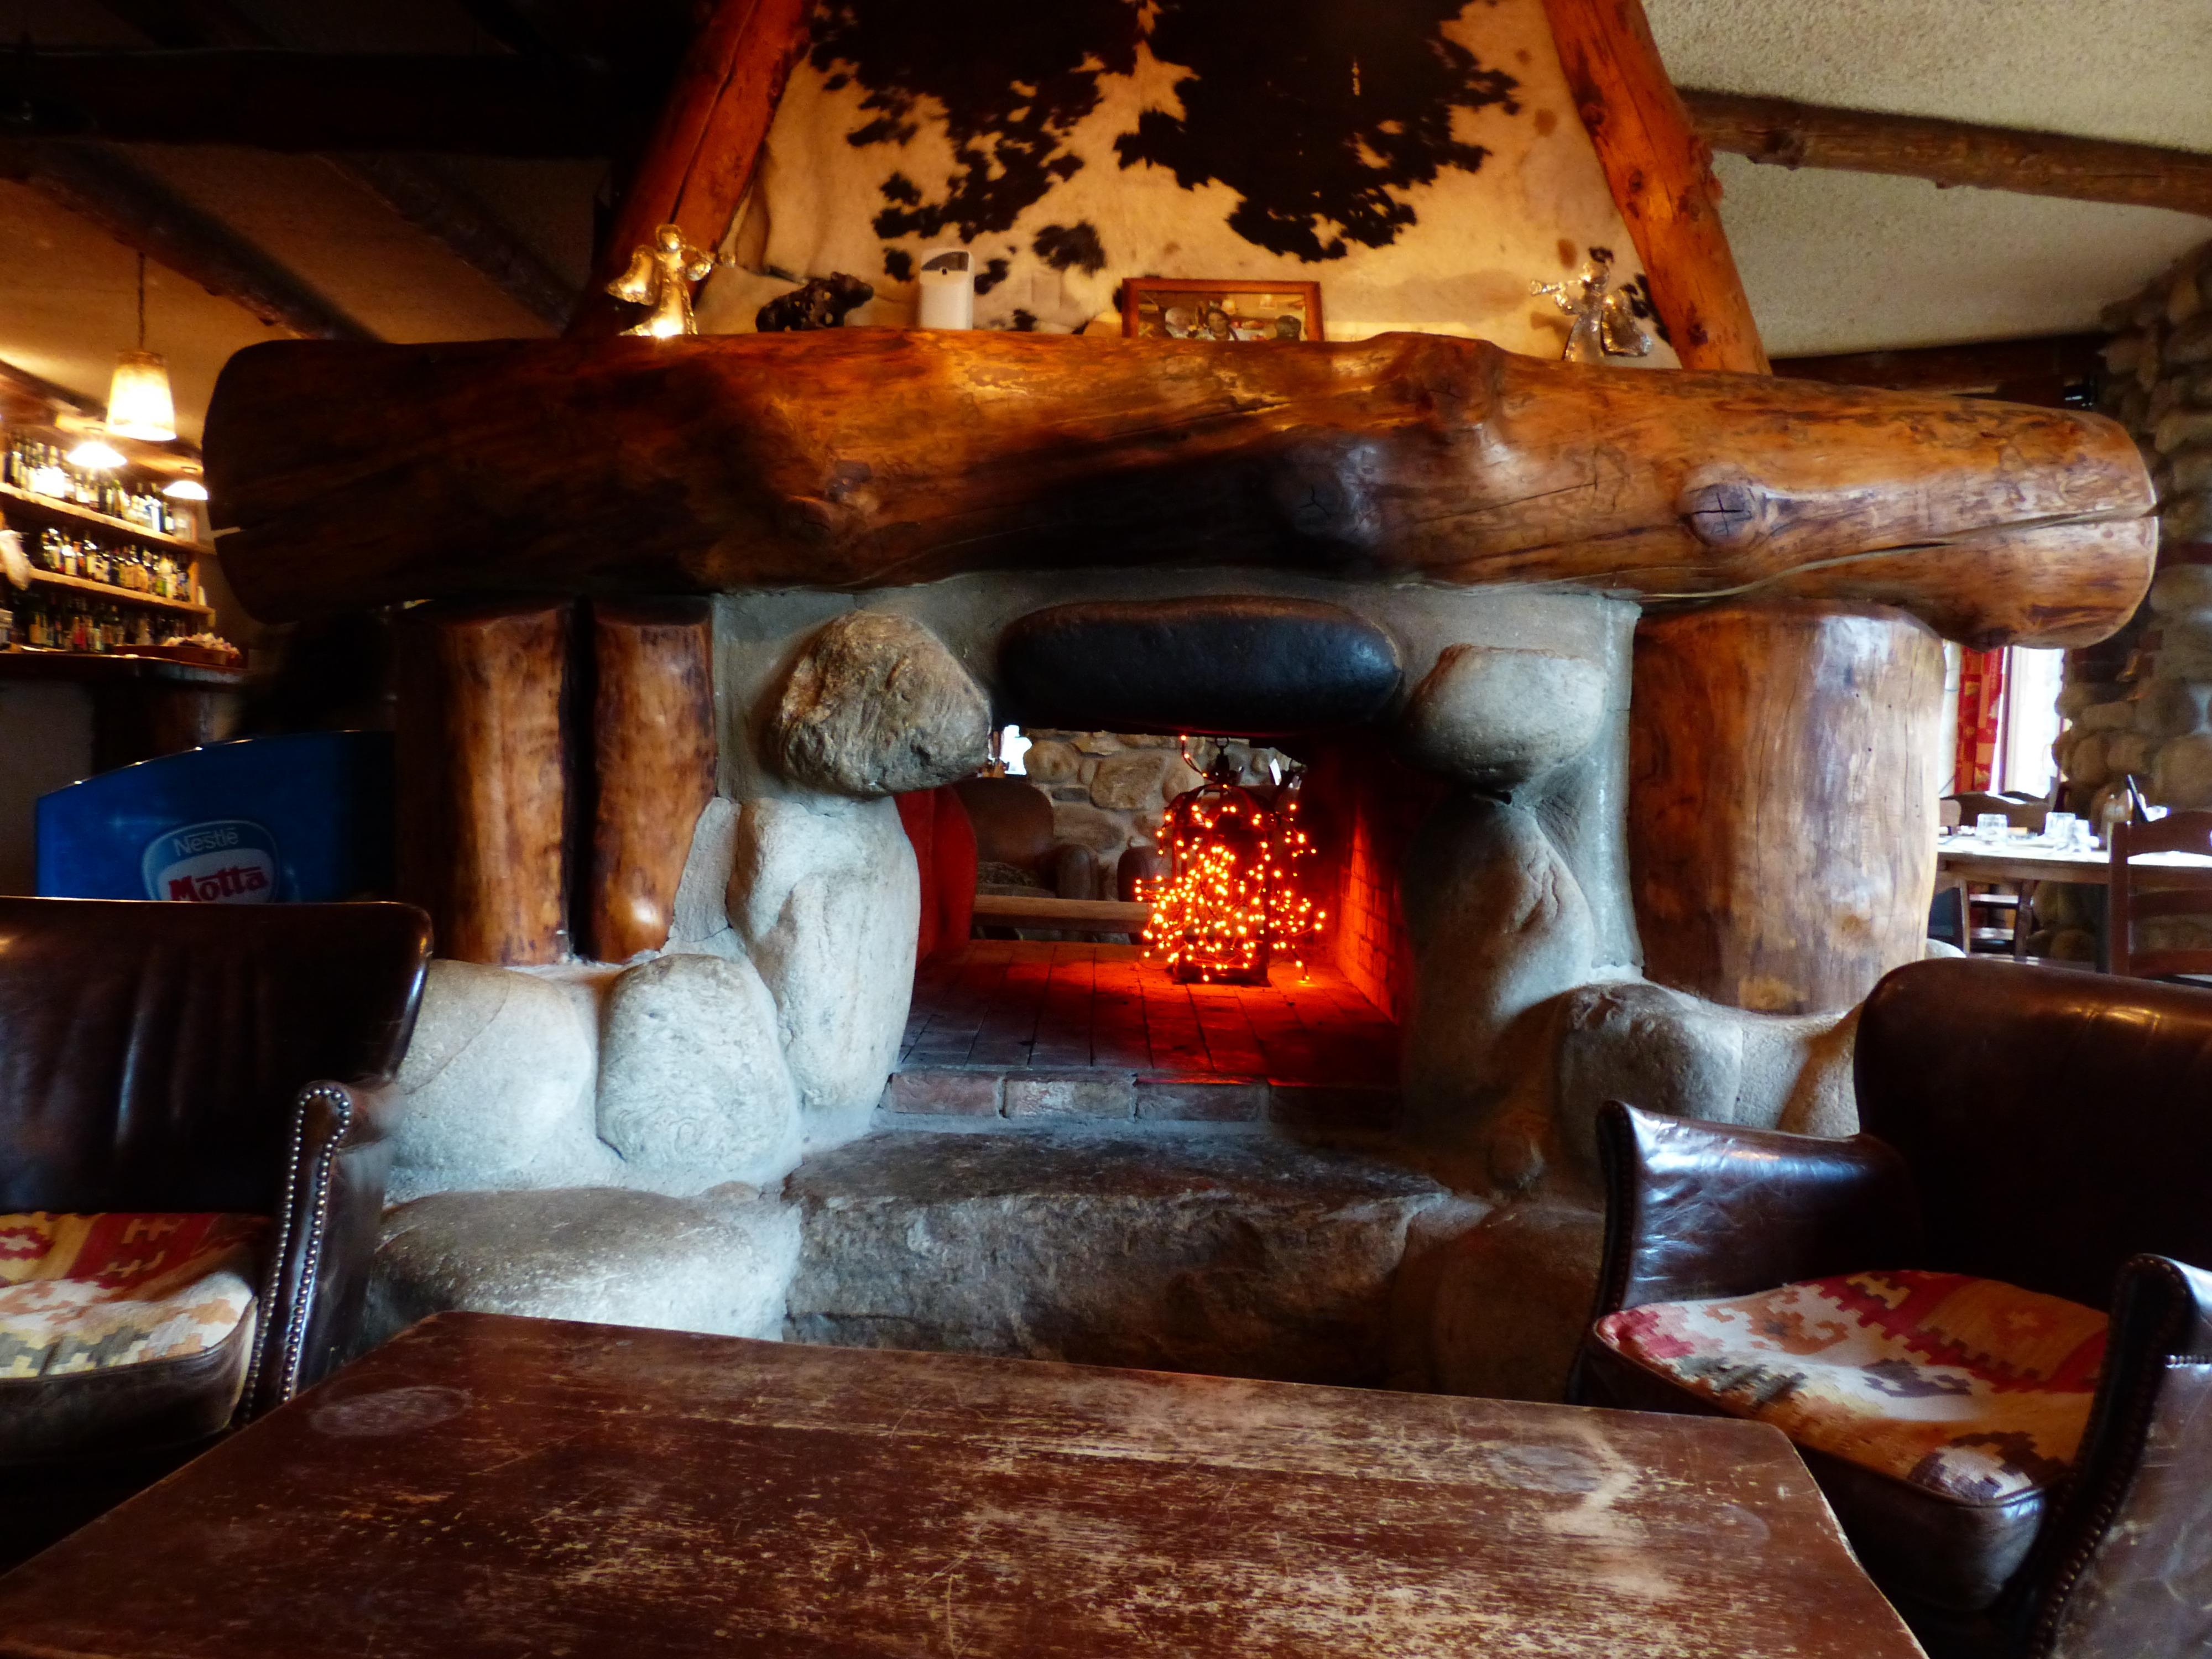 Holz Warm Haus Zuhause Rustikal Htte Gemtlich Kamin Wohnzimmer Mbel Zimmer Ofen Feuerstelle Offener